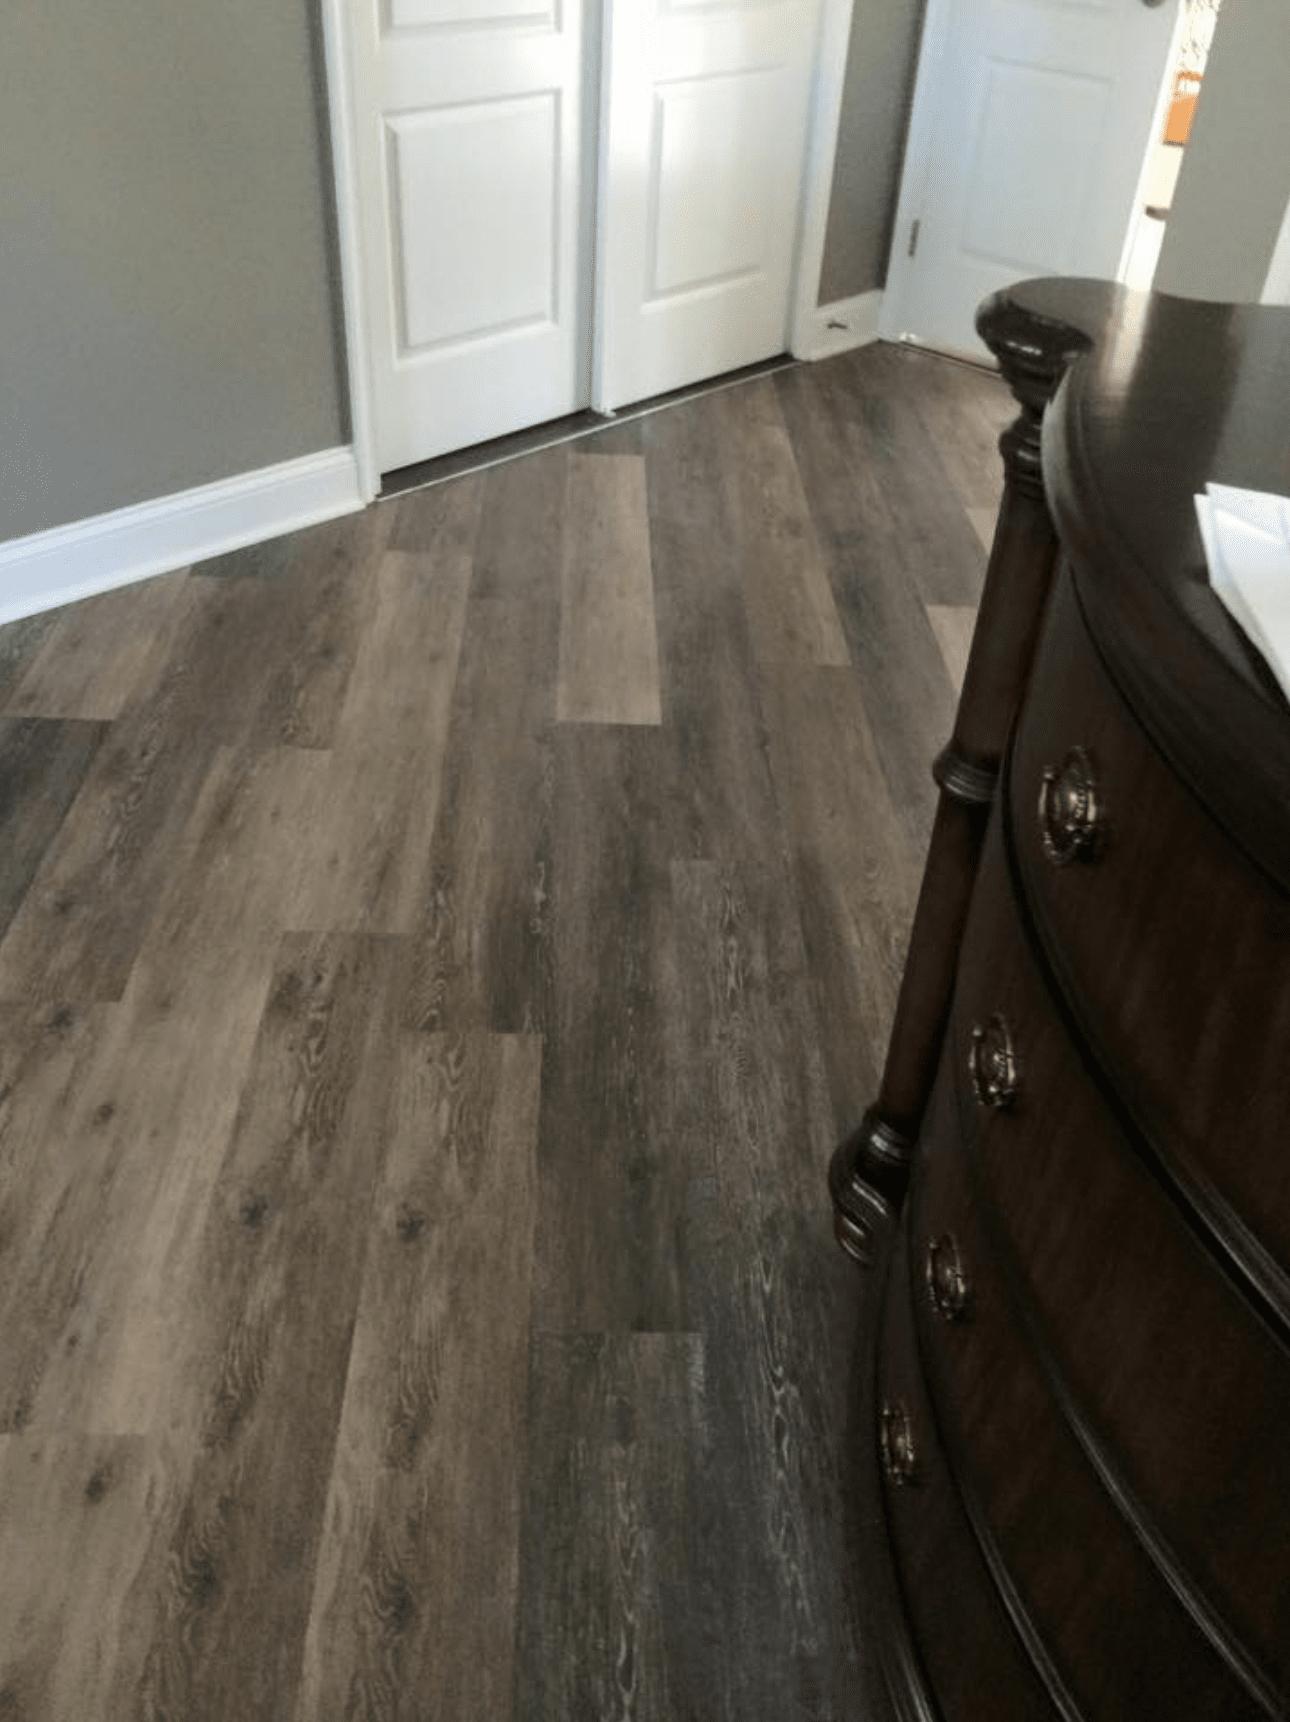 Luxury vinyl flooring from Charles Tyre Flooring in Smyrna, DE